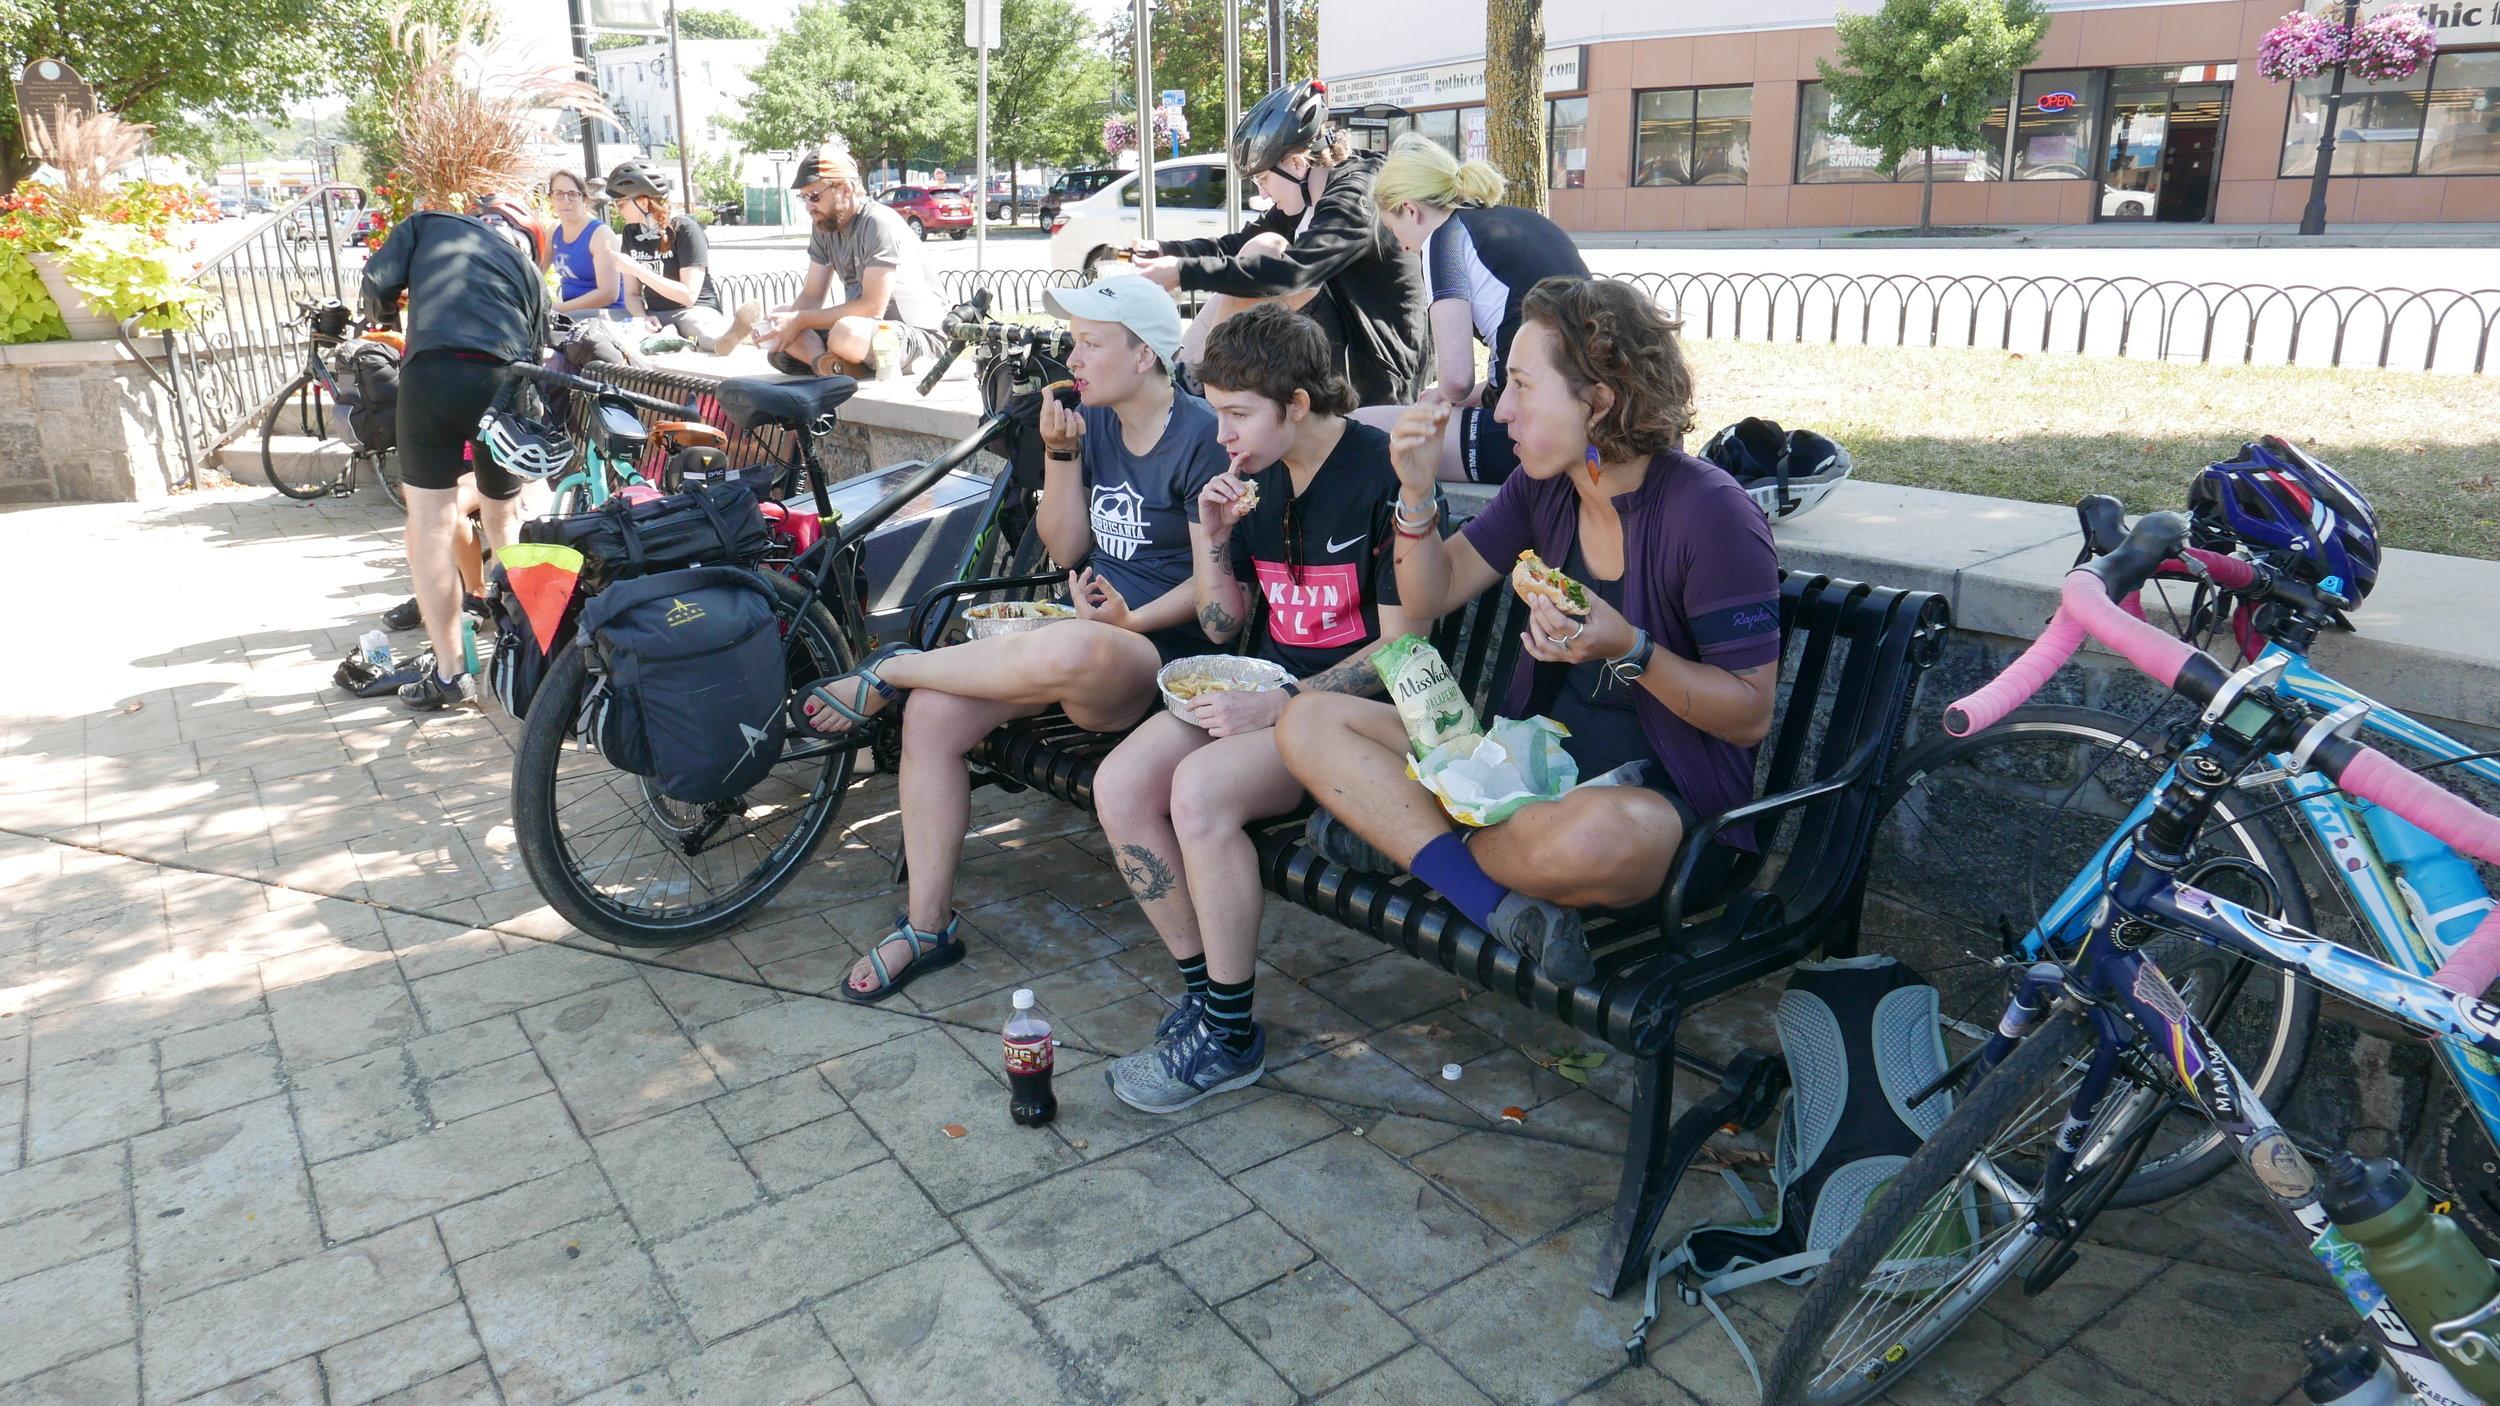 Lunch break in Elmsford, NY